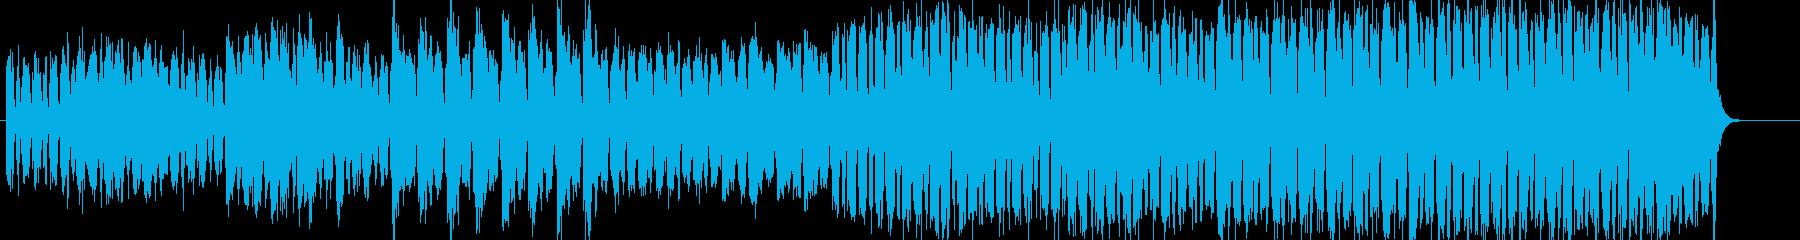 映画音楽風のオーケストラ・サウンドの再生済みの波形